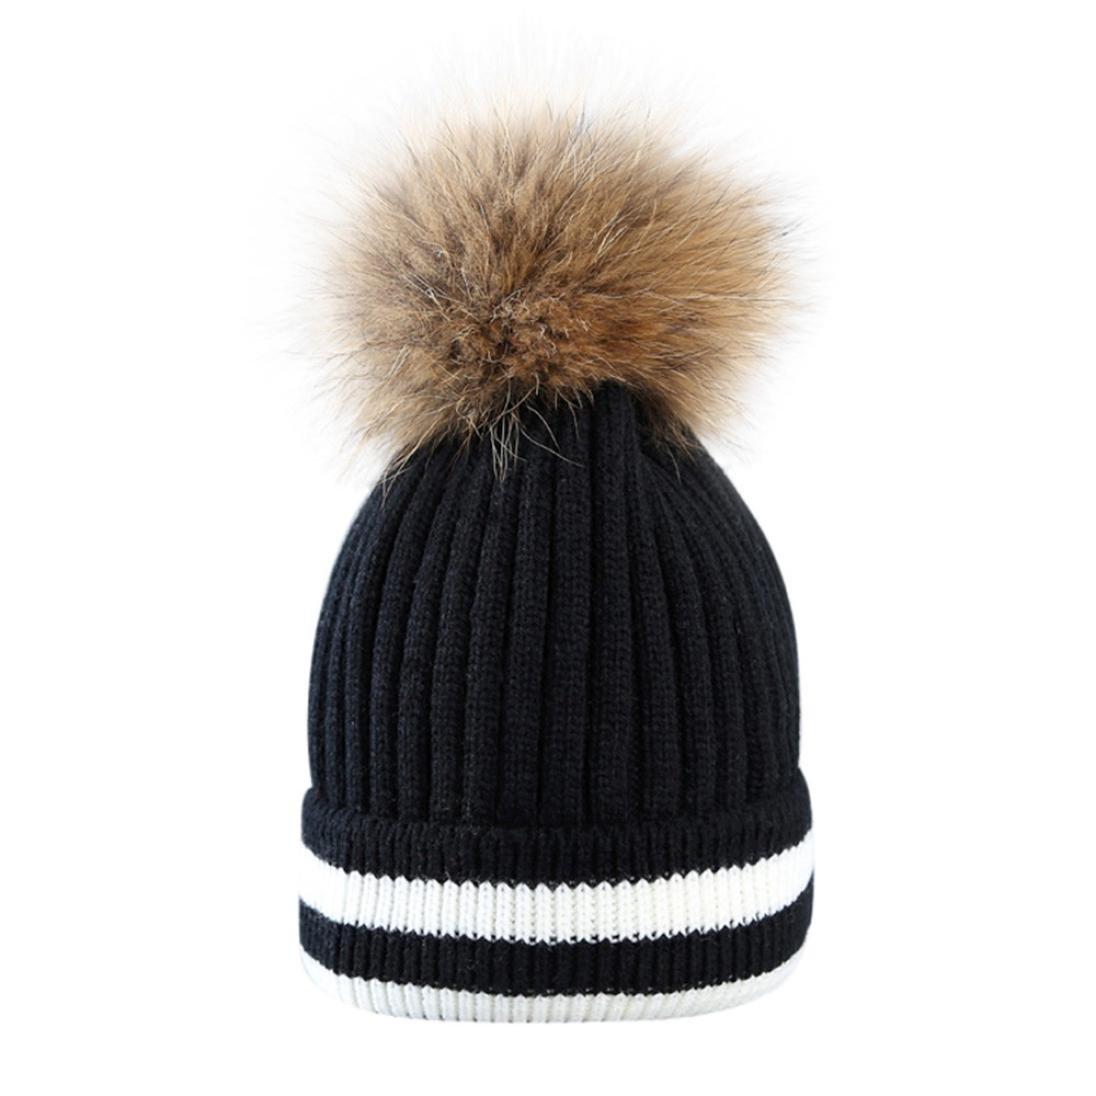 8eb86133f3aca1 Amlaiworld Winter warm gestreift Strickmützen Damen Niedlich Mädchen  Plüschkugel Caps zum häkeln Outdoor Hut